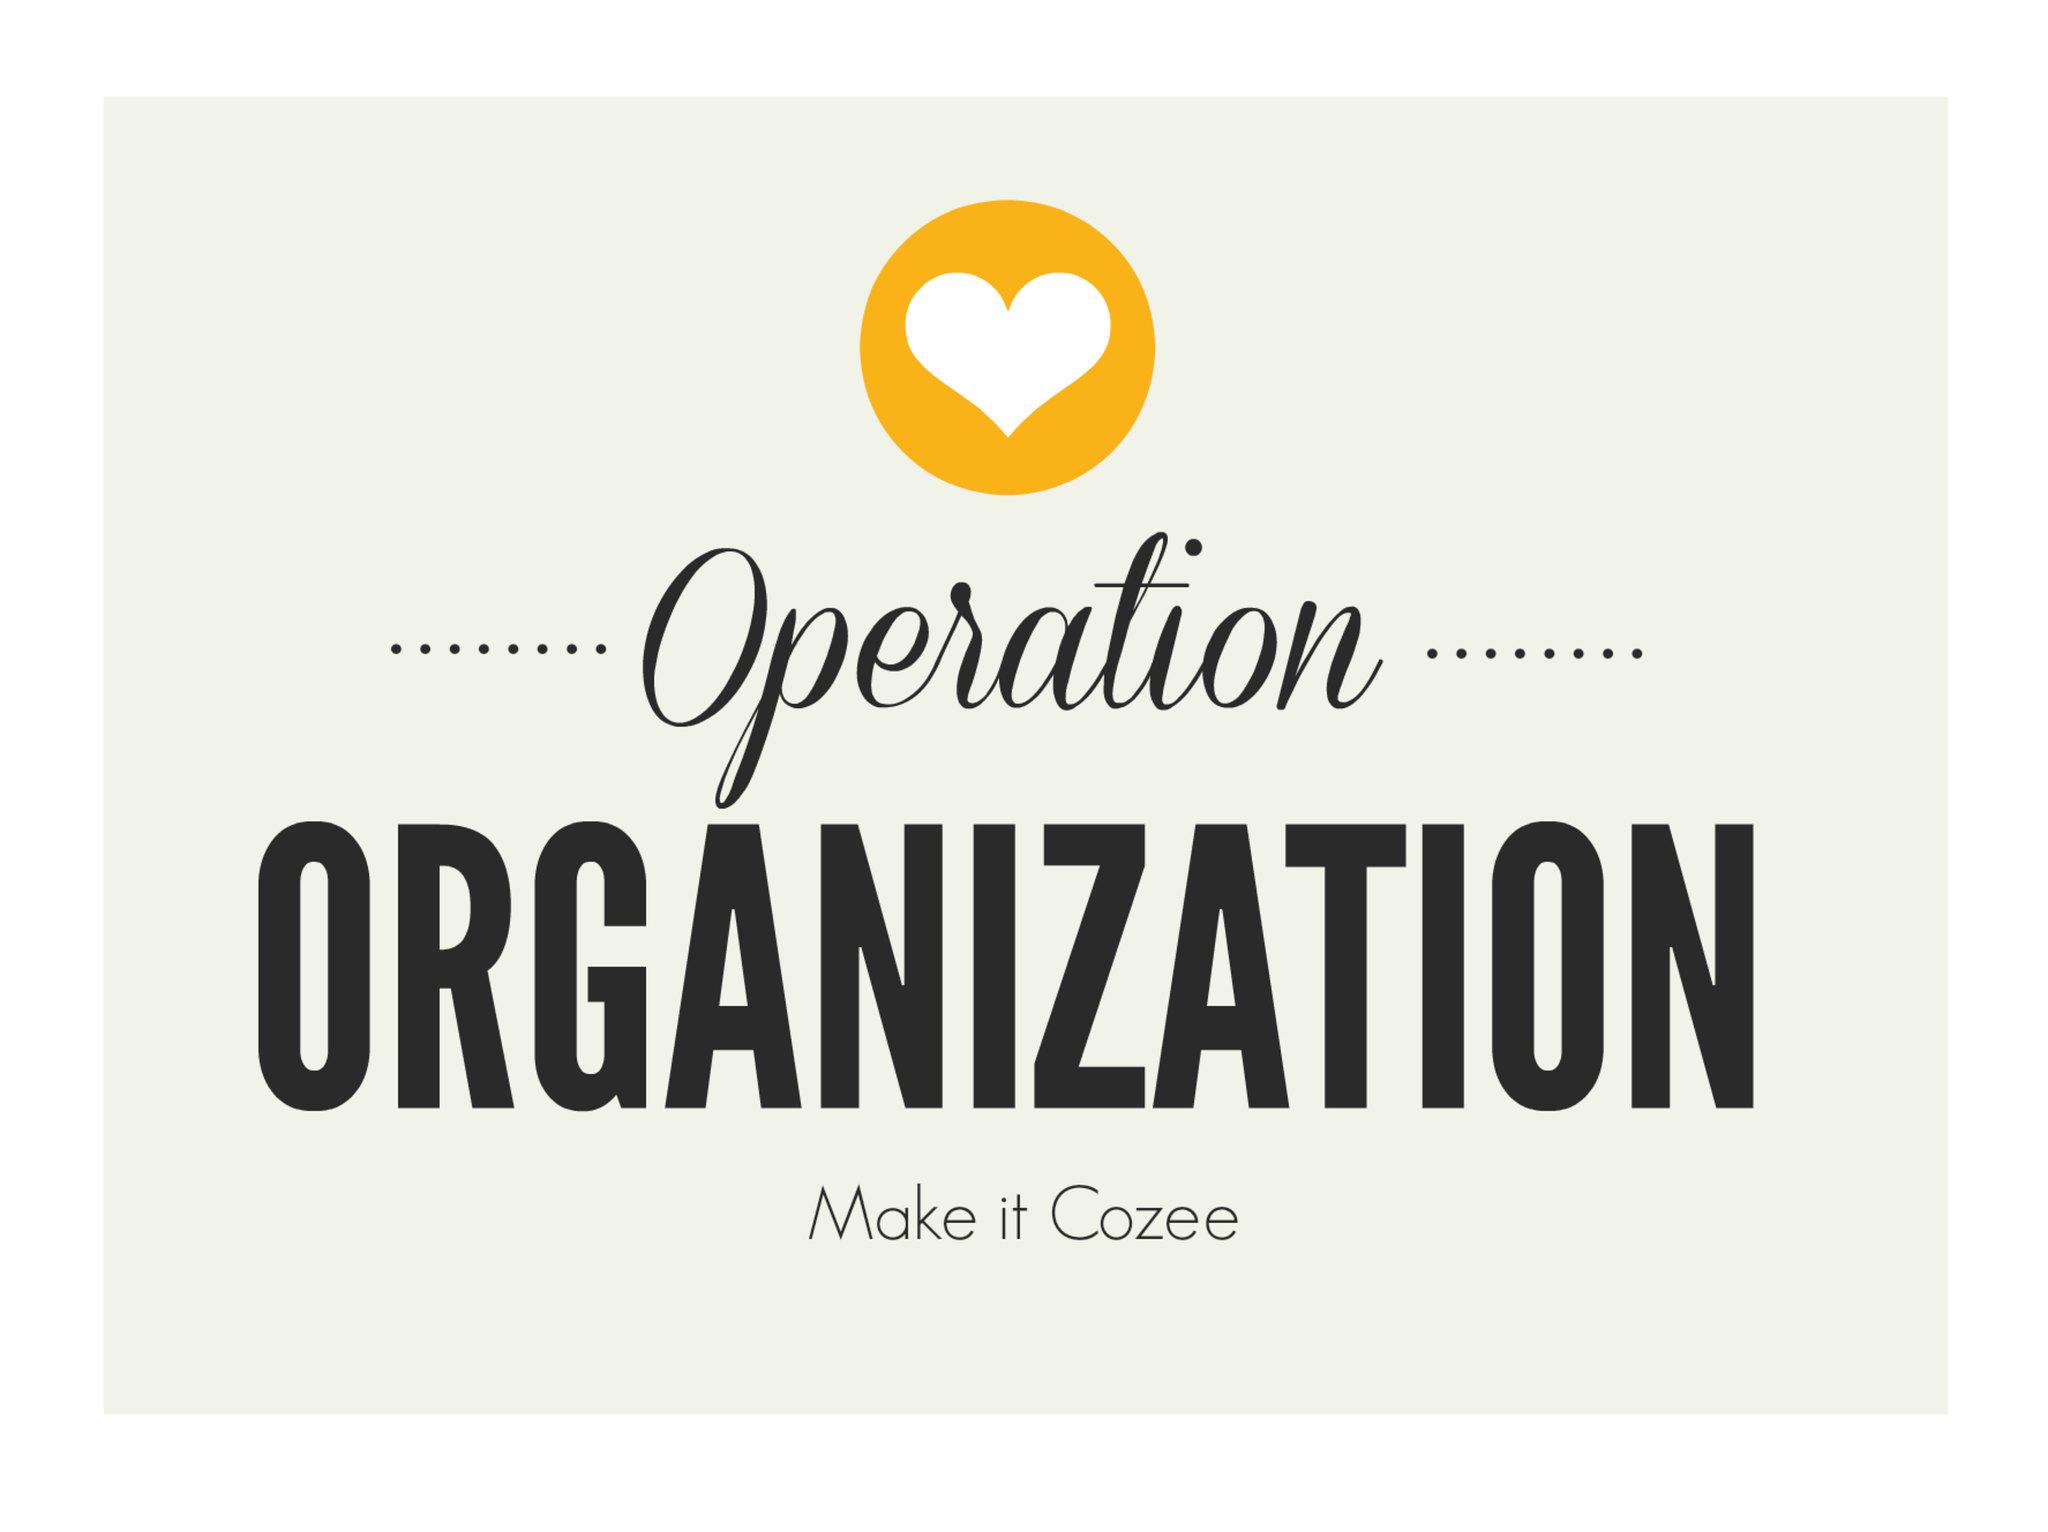 Operation Organization